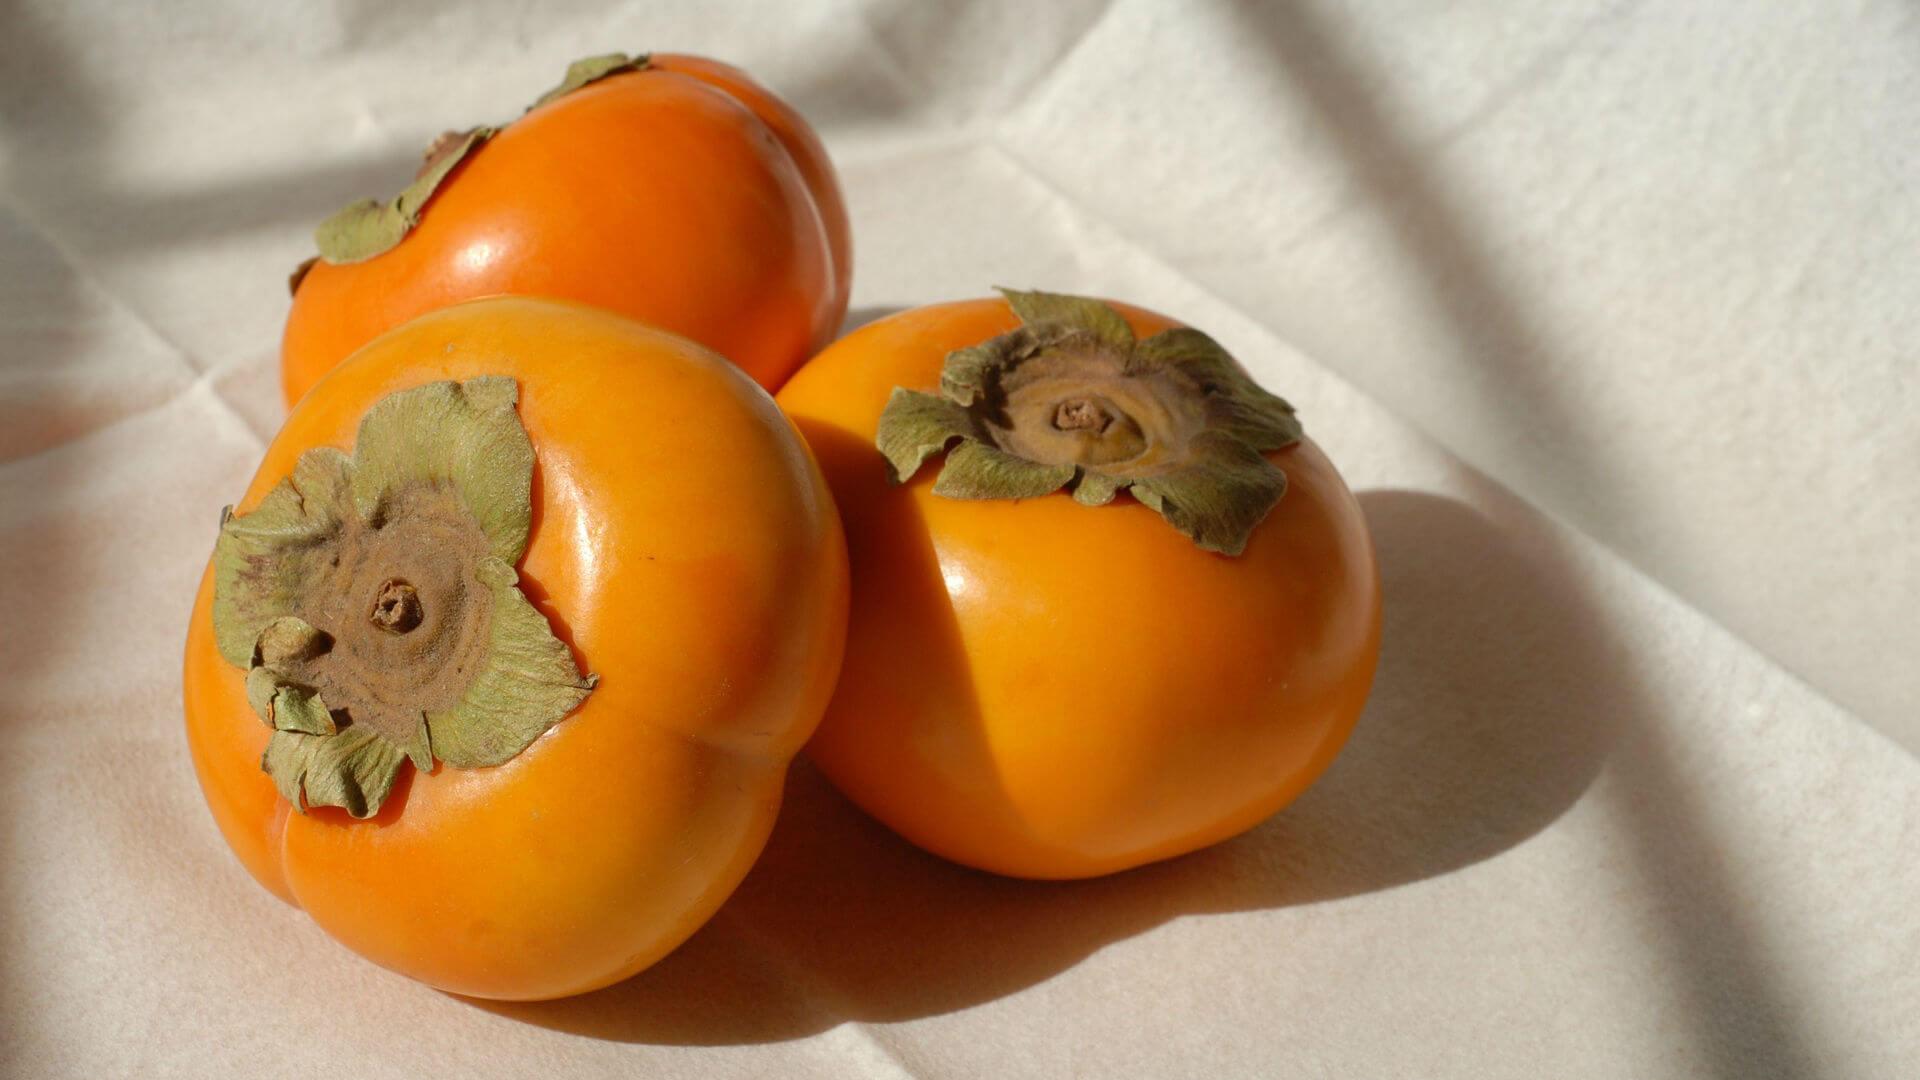 秋天就要吃柿子!有人說:「柿子和牛奶一起吃 會死翹翹」 是真的嗎? - 蘭姆酒吐司